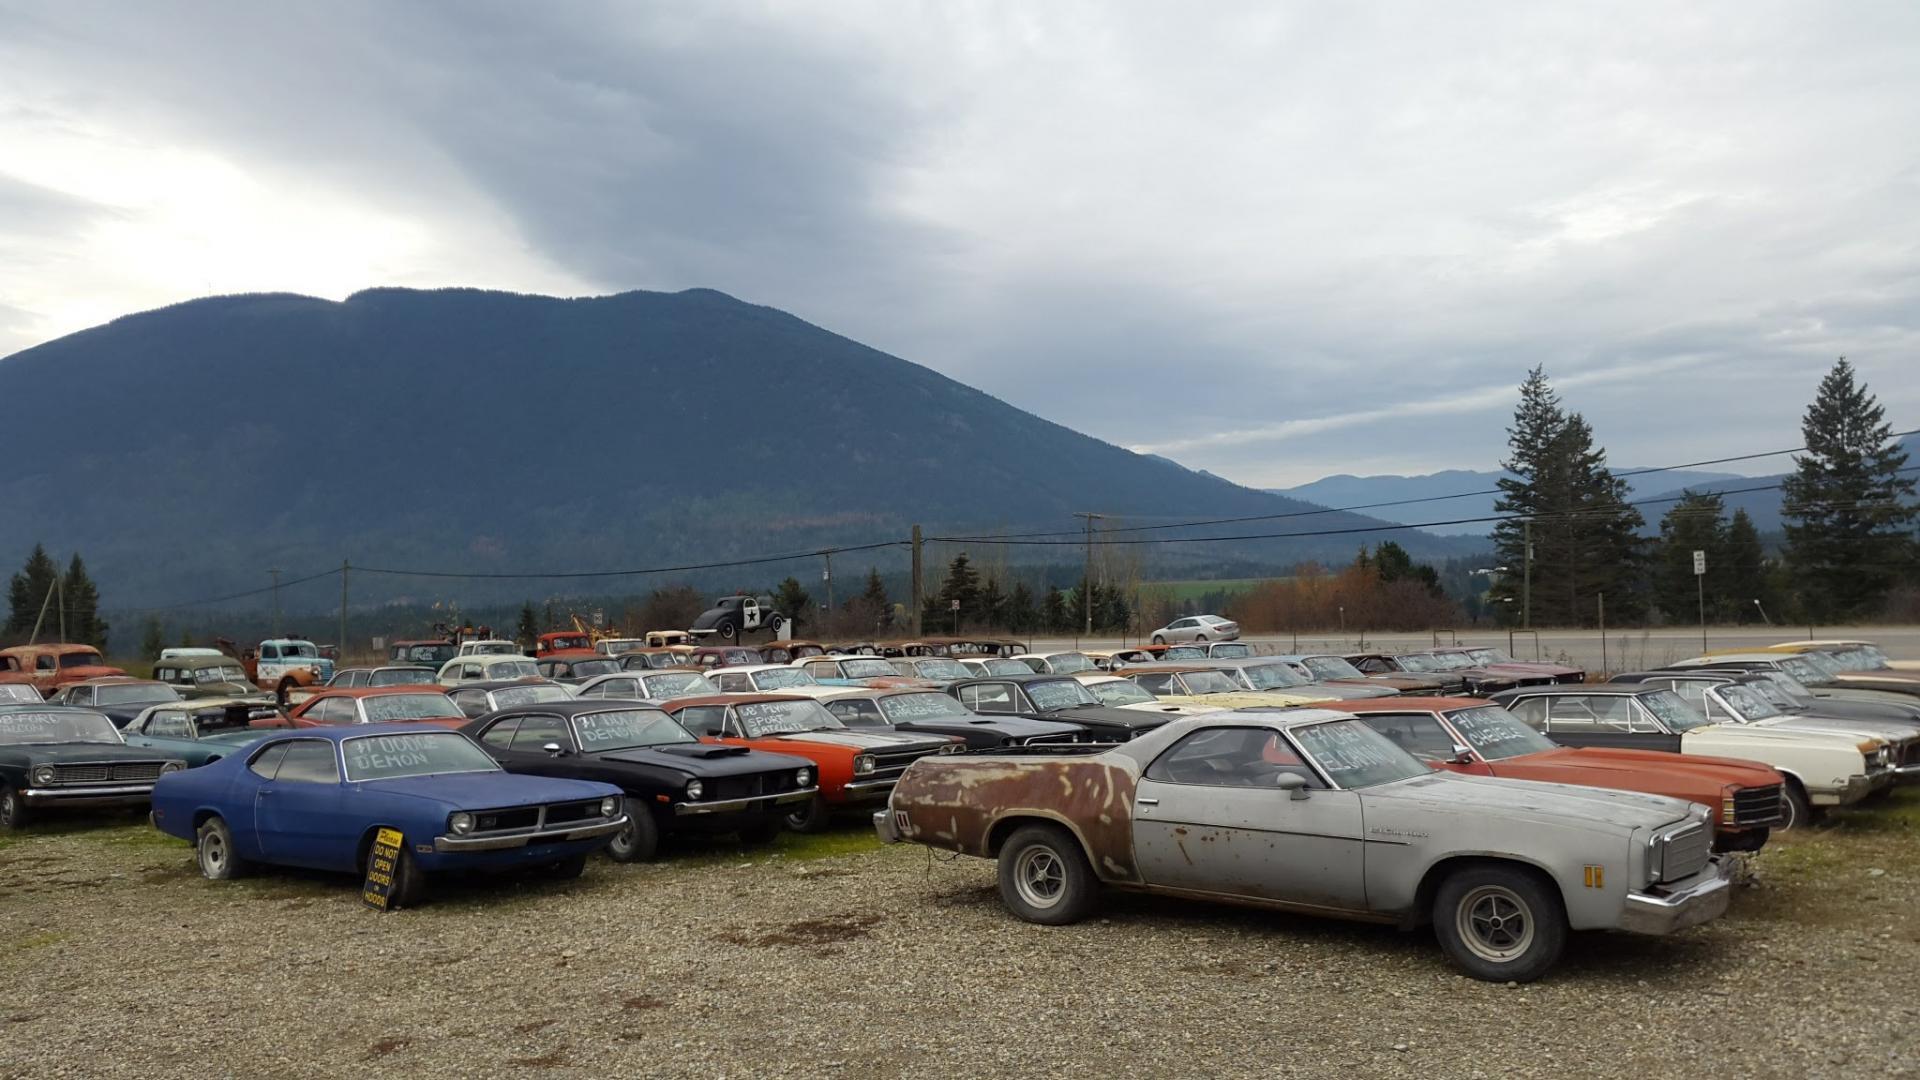 Auto For Sale Canada: Huis Met 340 Gratis Auto's In Canada Te Koop